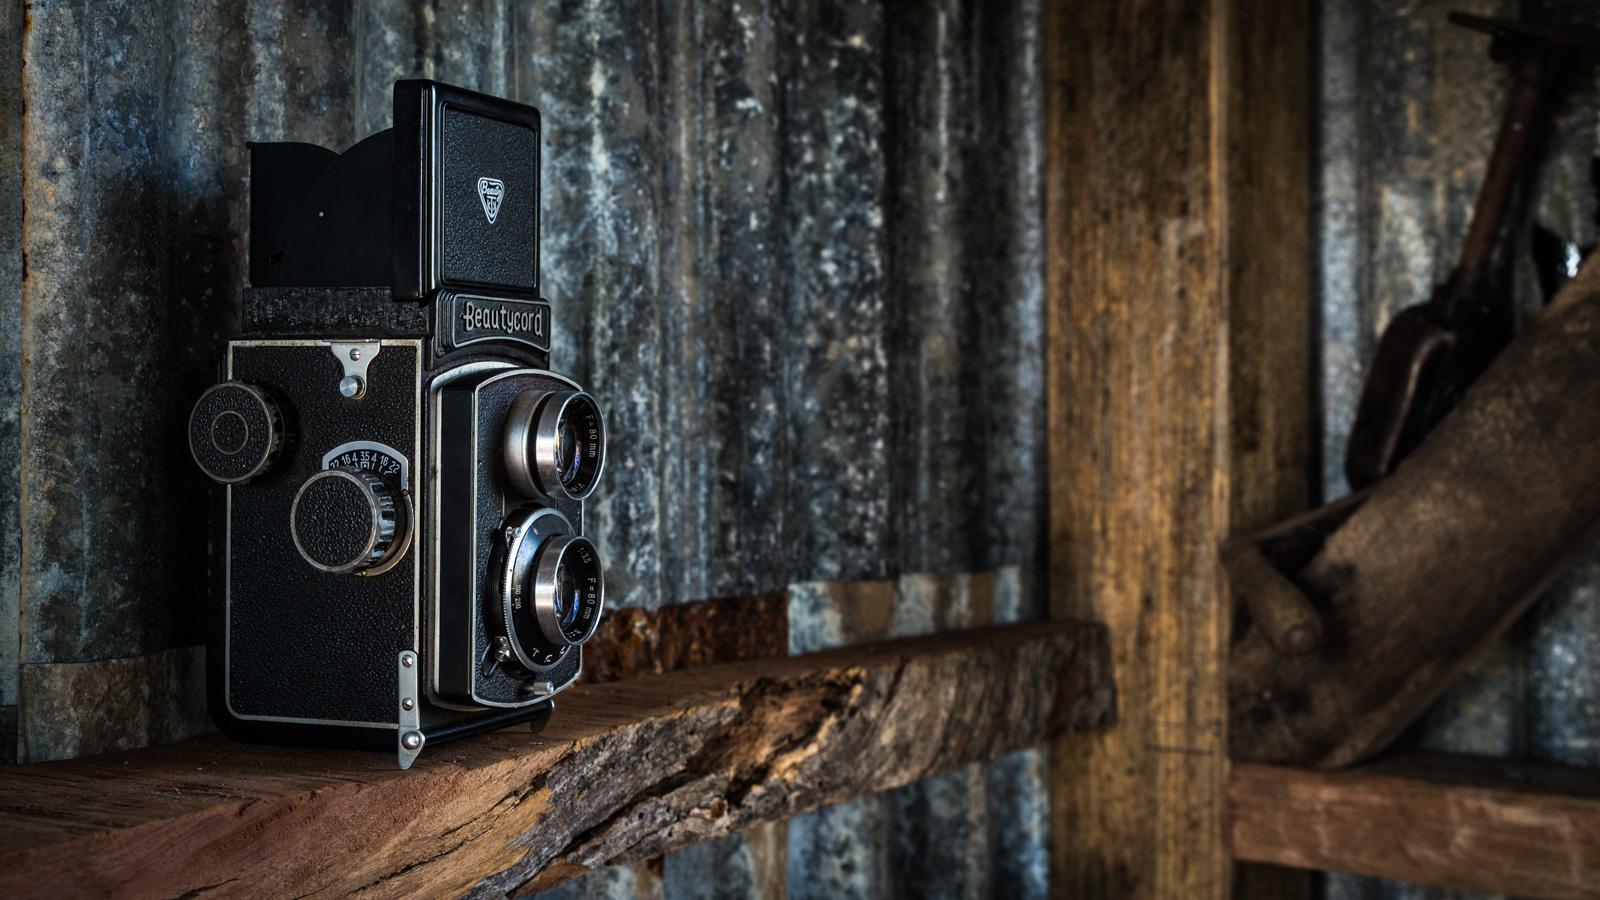 DSC_7777-cameras_sml.jpg